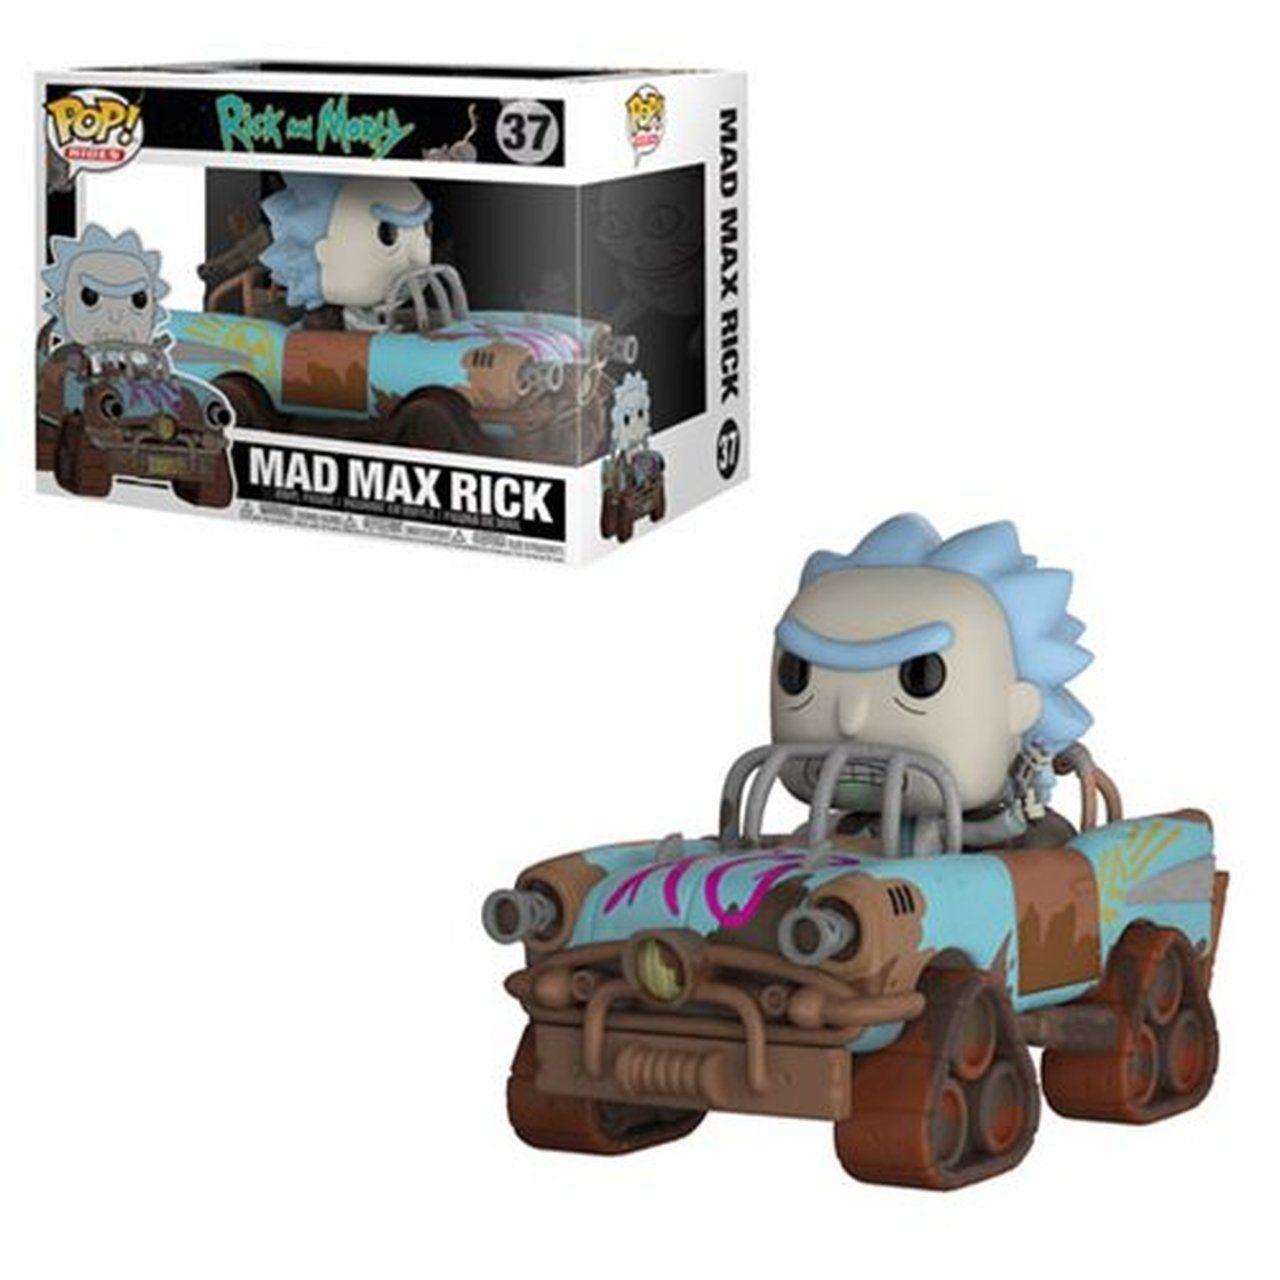 Funko Pop! Mad Max Rick: Rick and Morty #37 - Funko